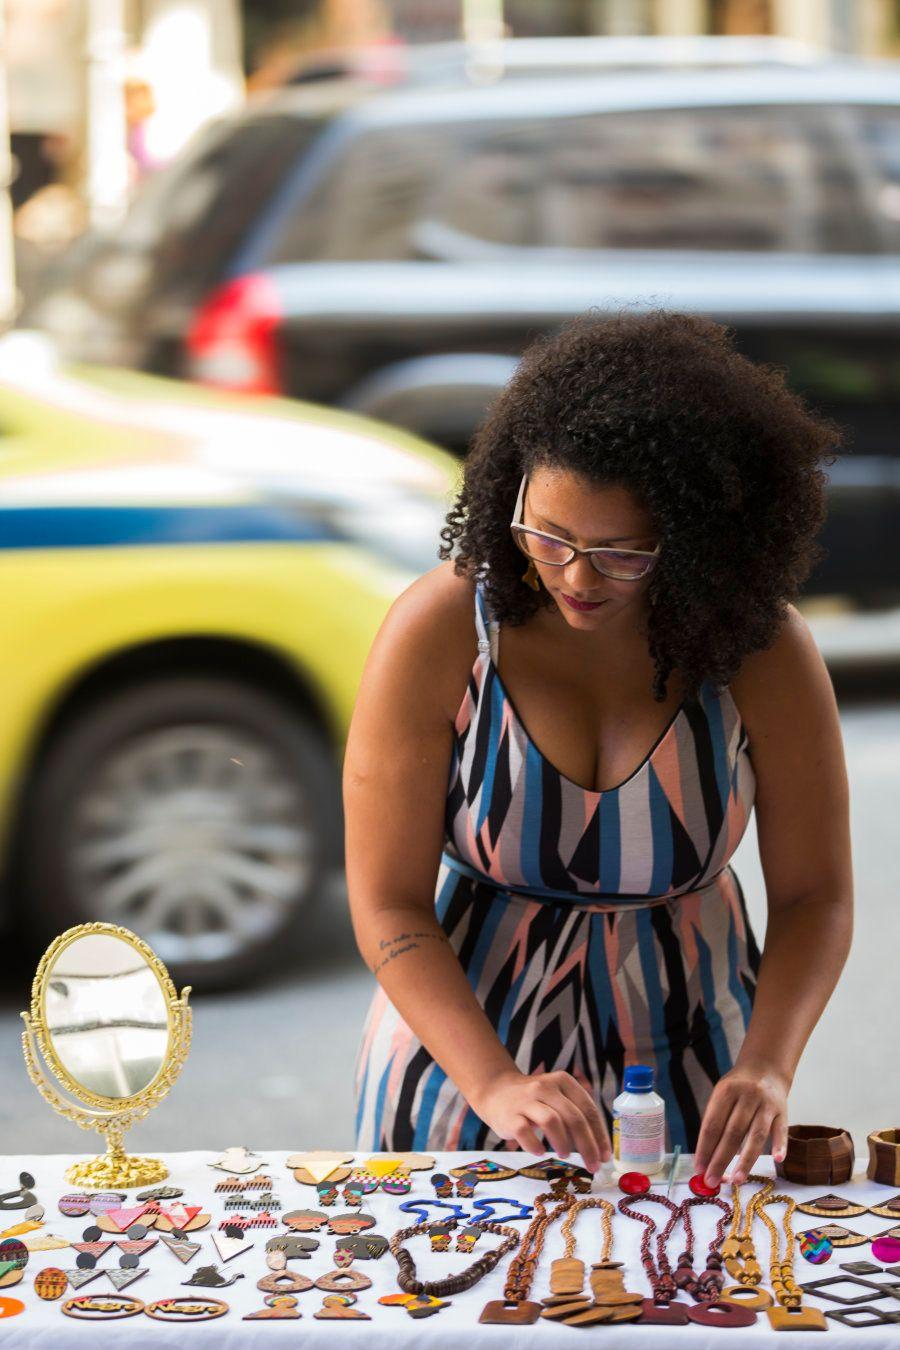 Juliana Cardoso organiza suas peças de artesanato na Avenida Nossa Senhora de Copacabana, seu ponto de